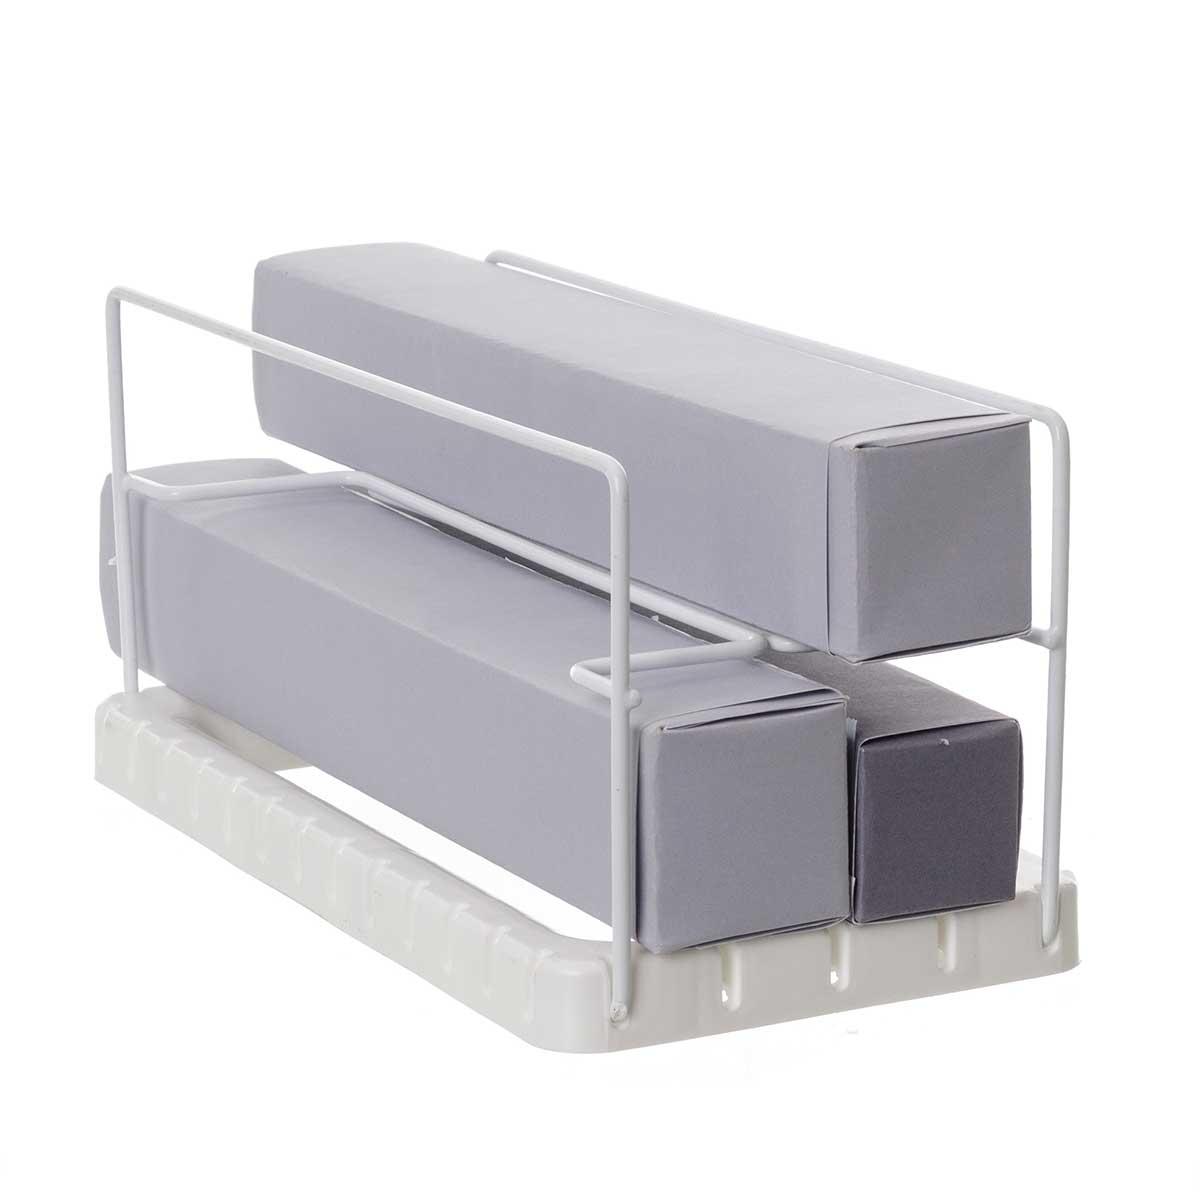 Suporte Aramado para Papel Alumínio e Embaladores